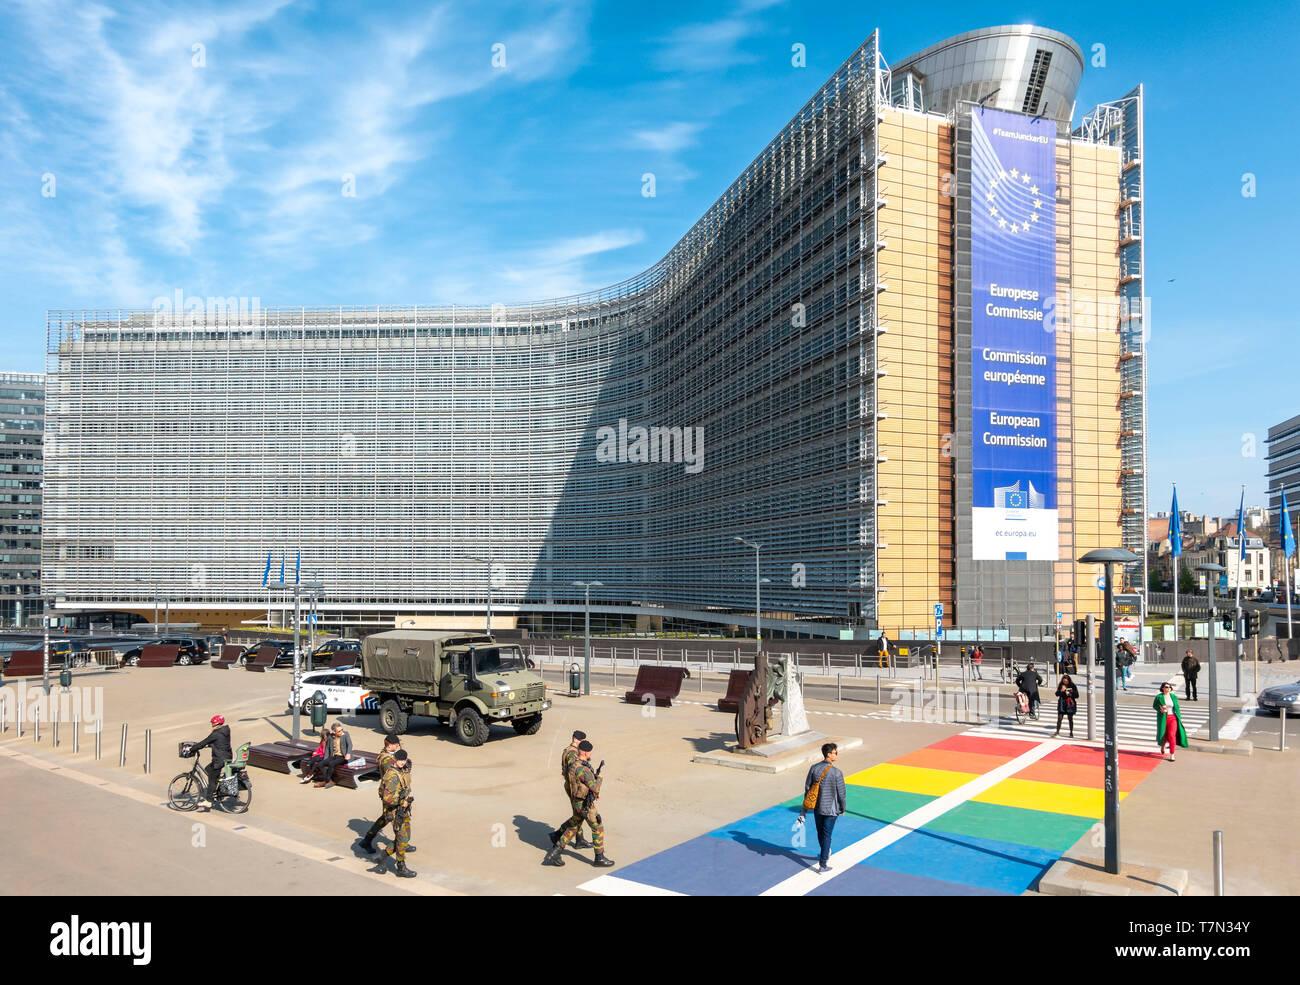 Bruxelles Edificio Berlaymont. La sede centrale della Commissione europea, CE, l'esecutivo dell'Unione europea, Unione europea. Brussel Bruxelles Belgio Europa Immagini Stock